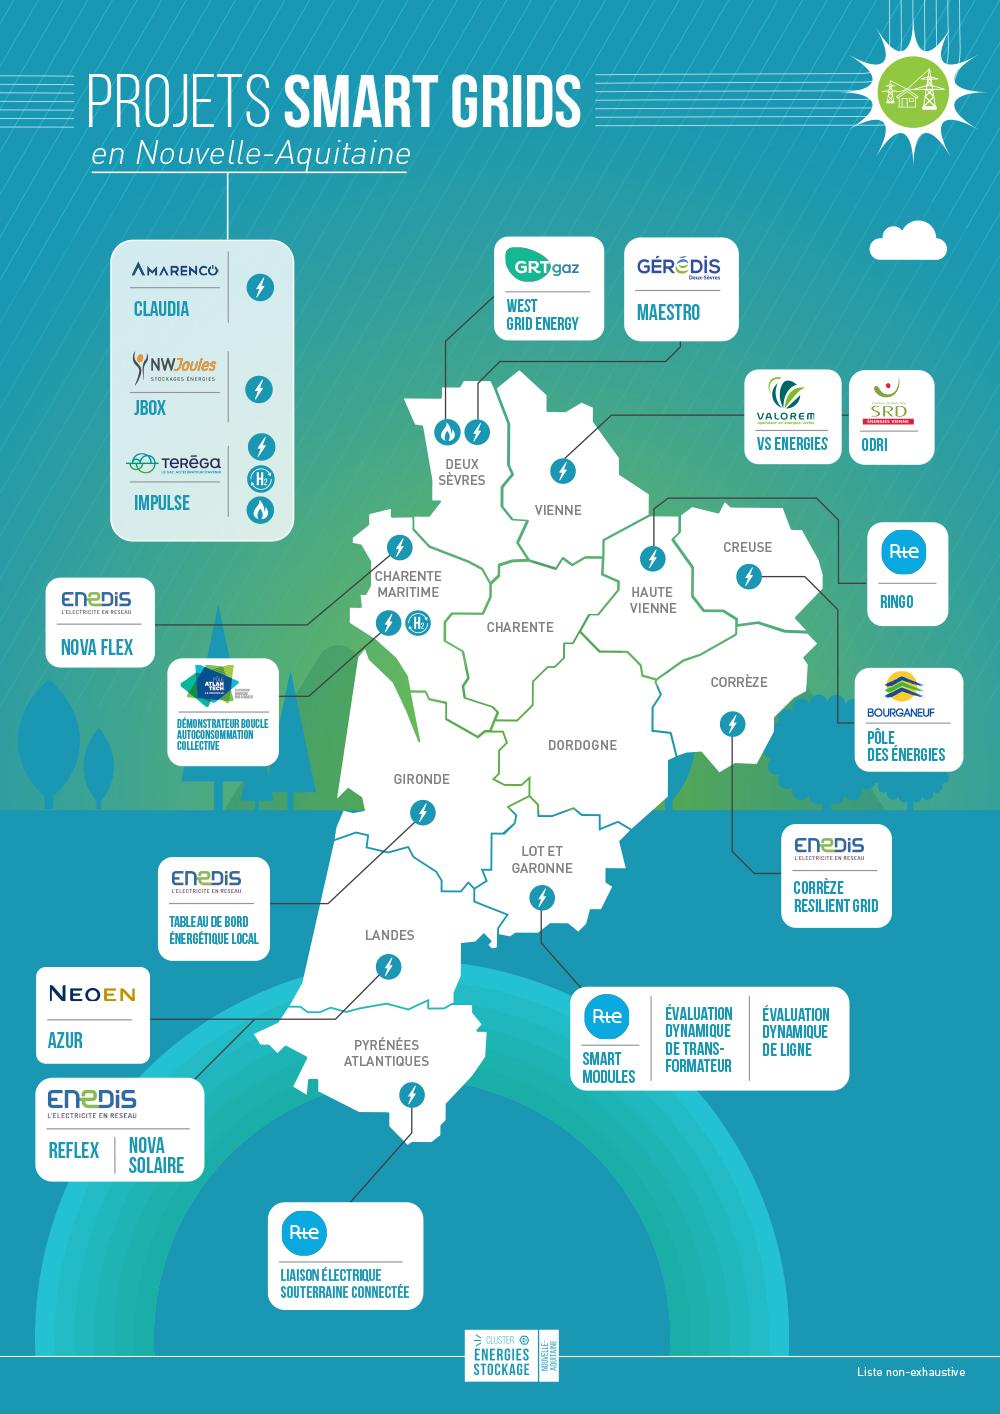 Projets Smart grids en Nouvelle-Aquitaine